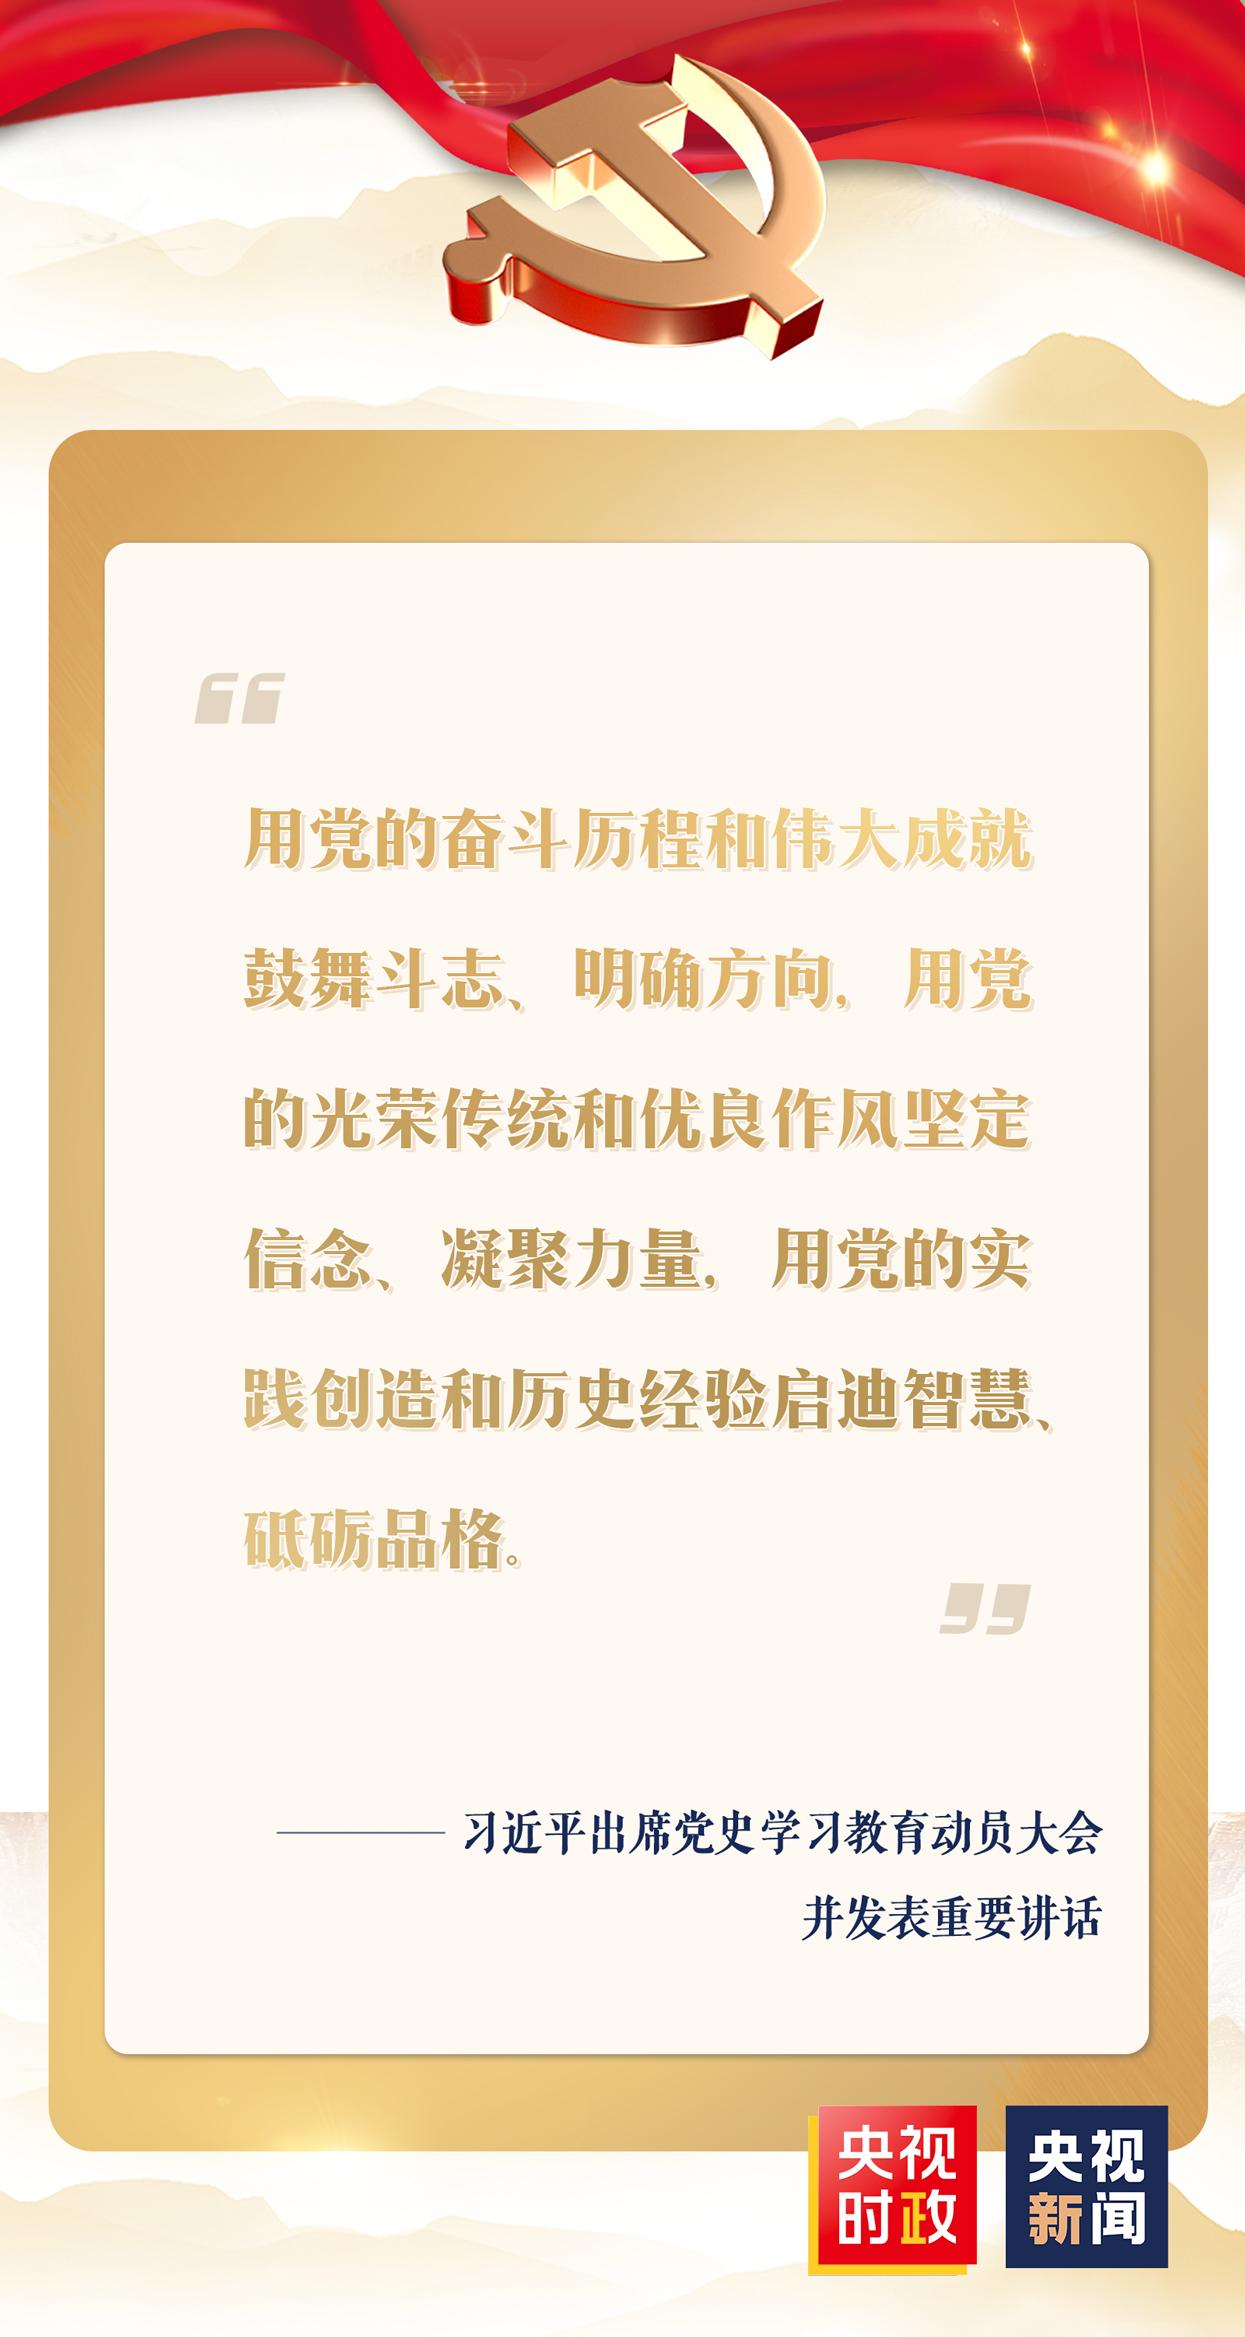 金句来了!习近平:学党史 悟思想 办实事 开新局